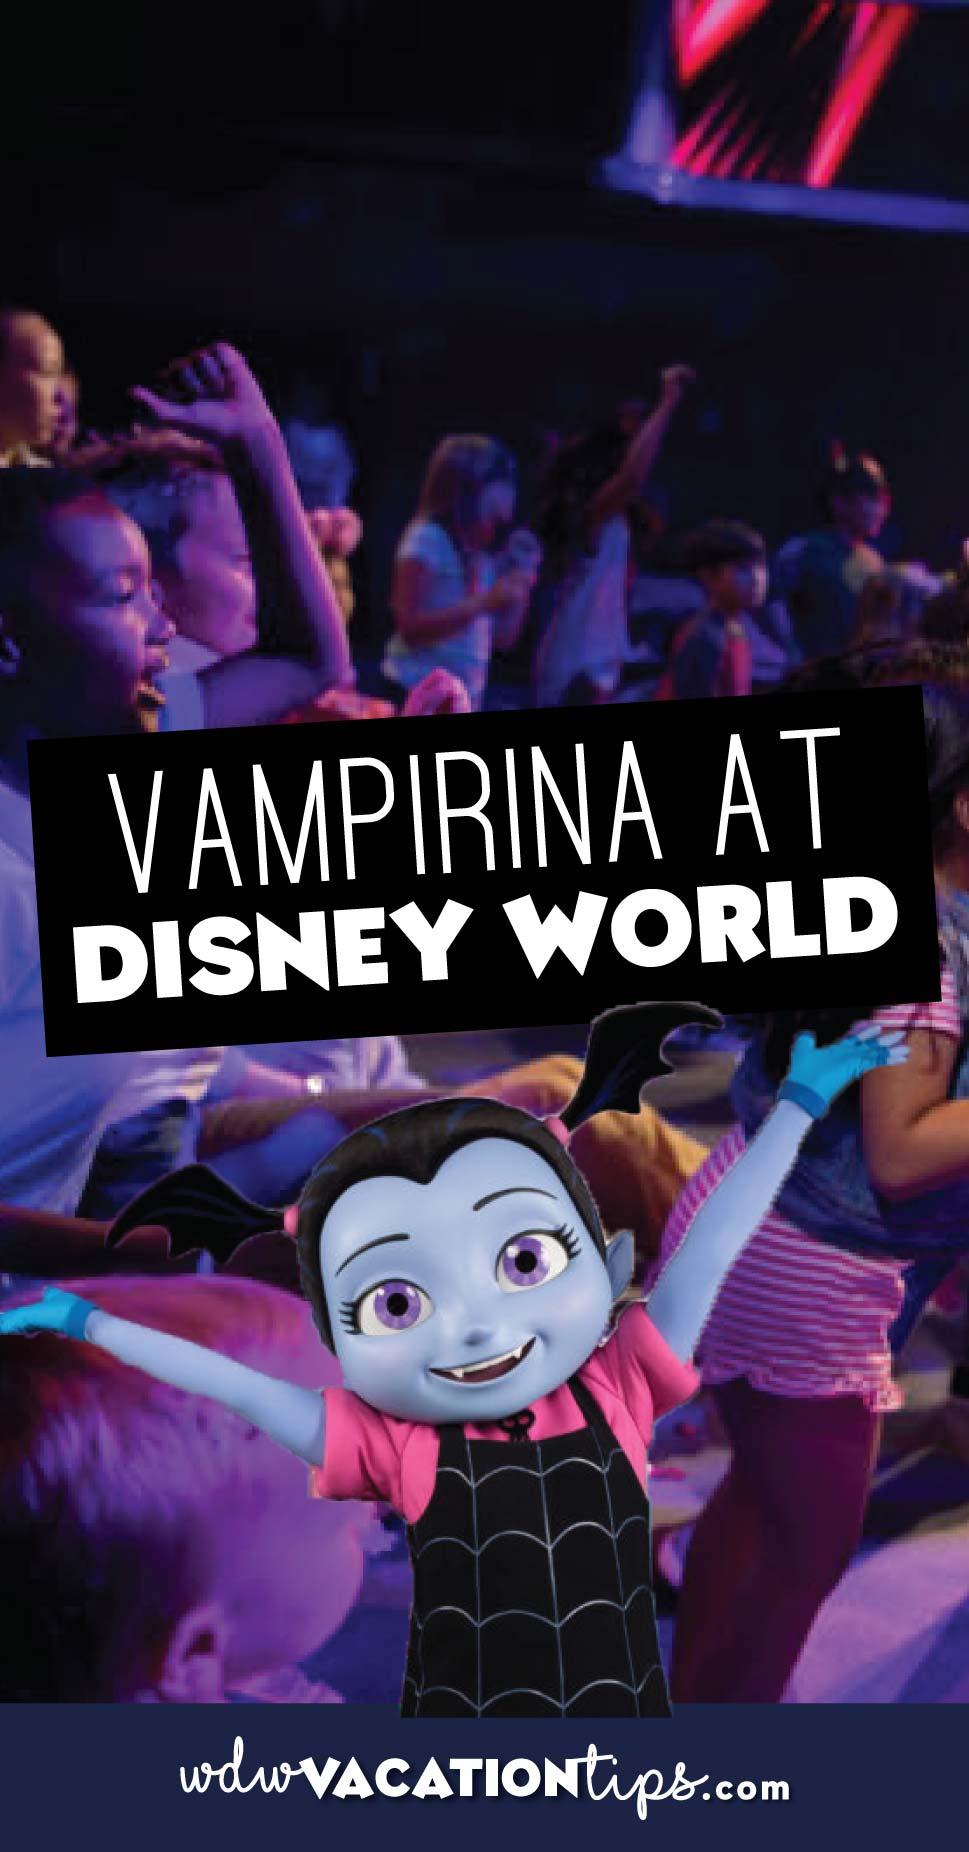 Vampirina at Disney World